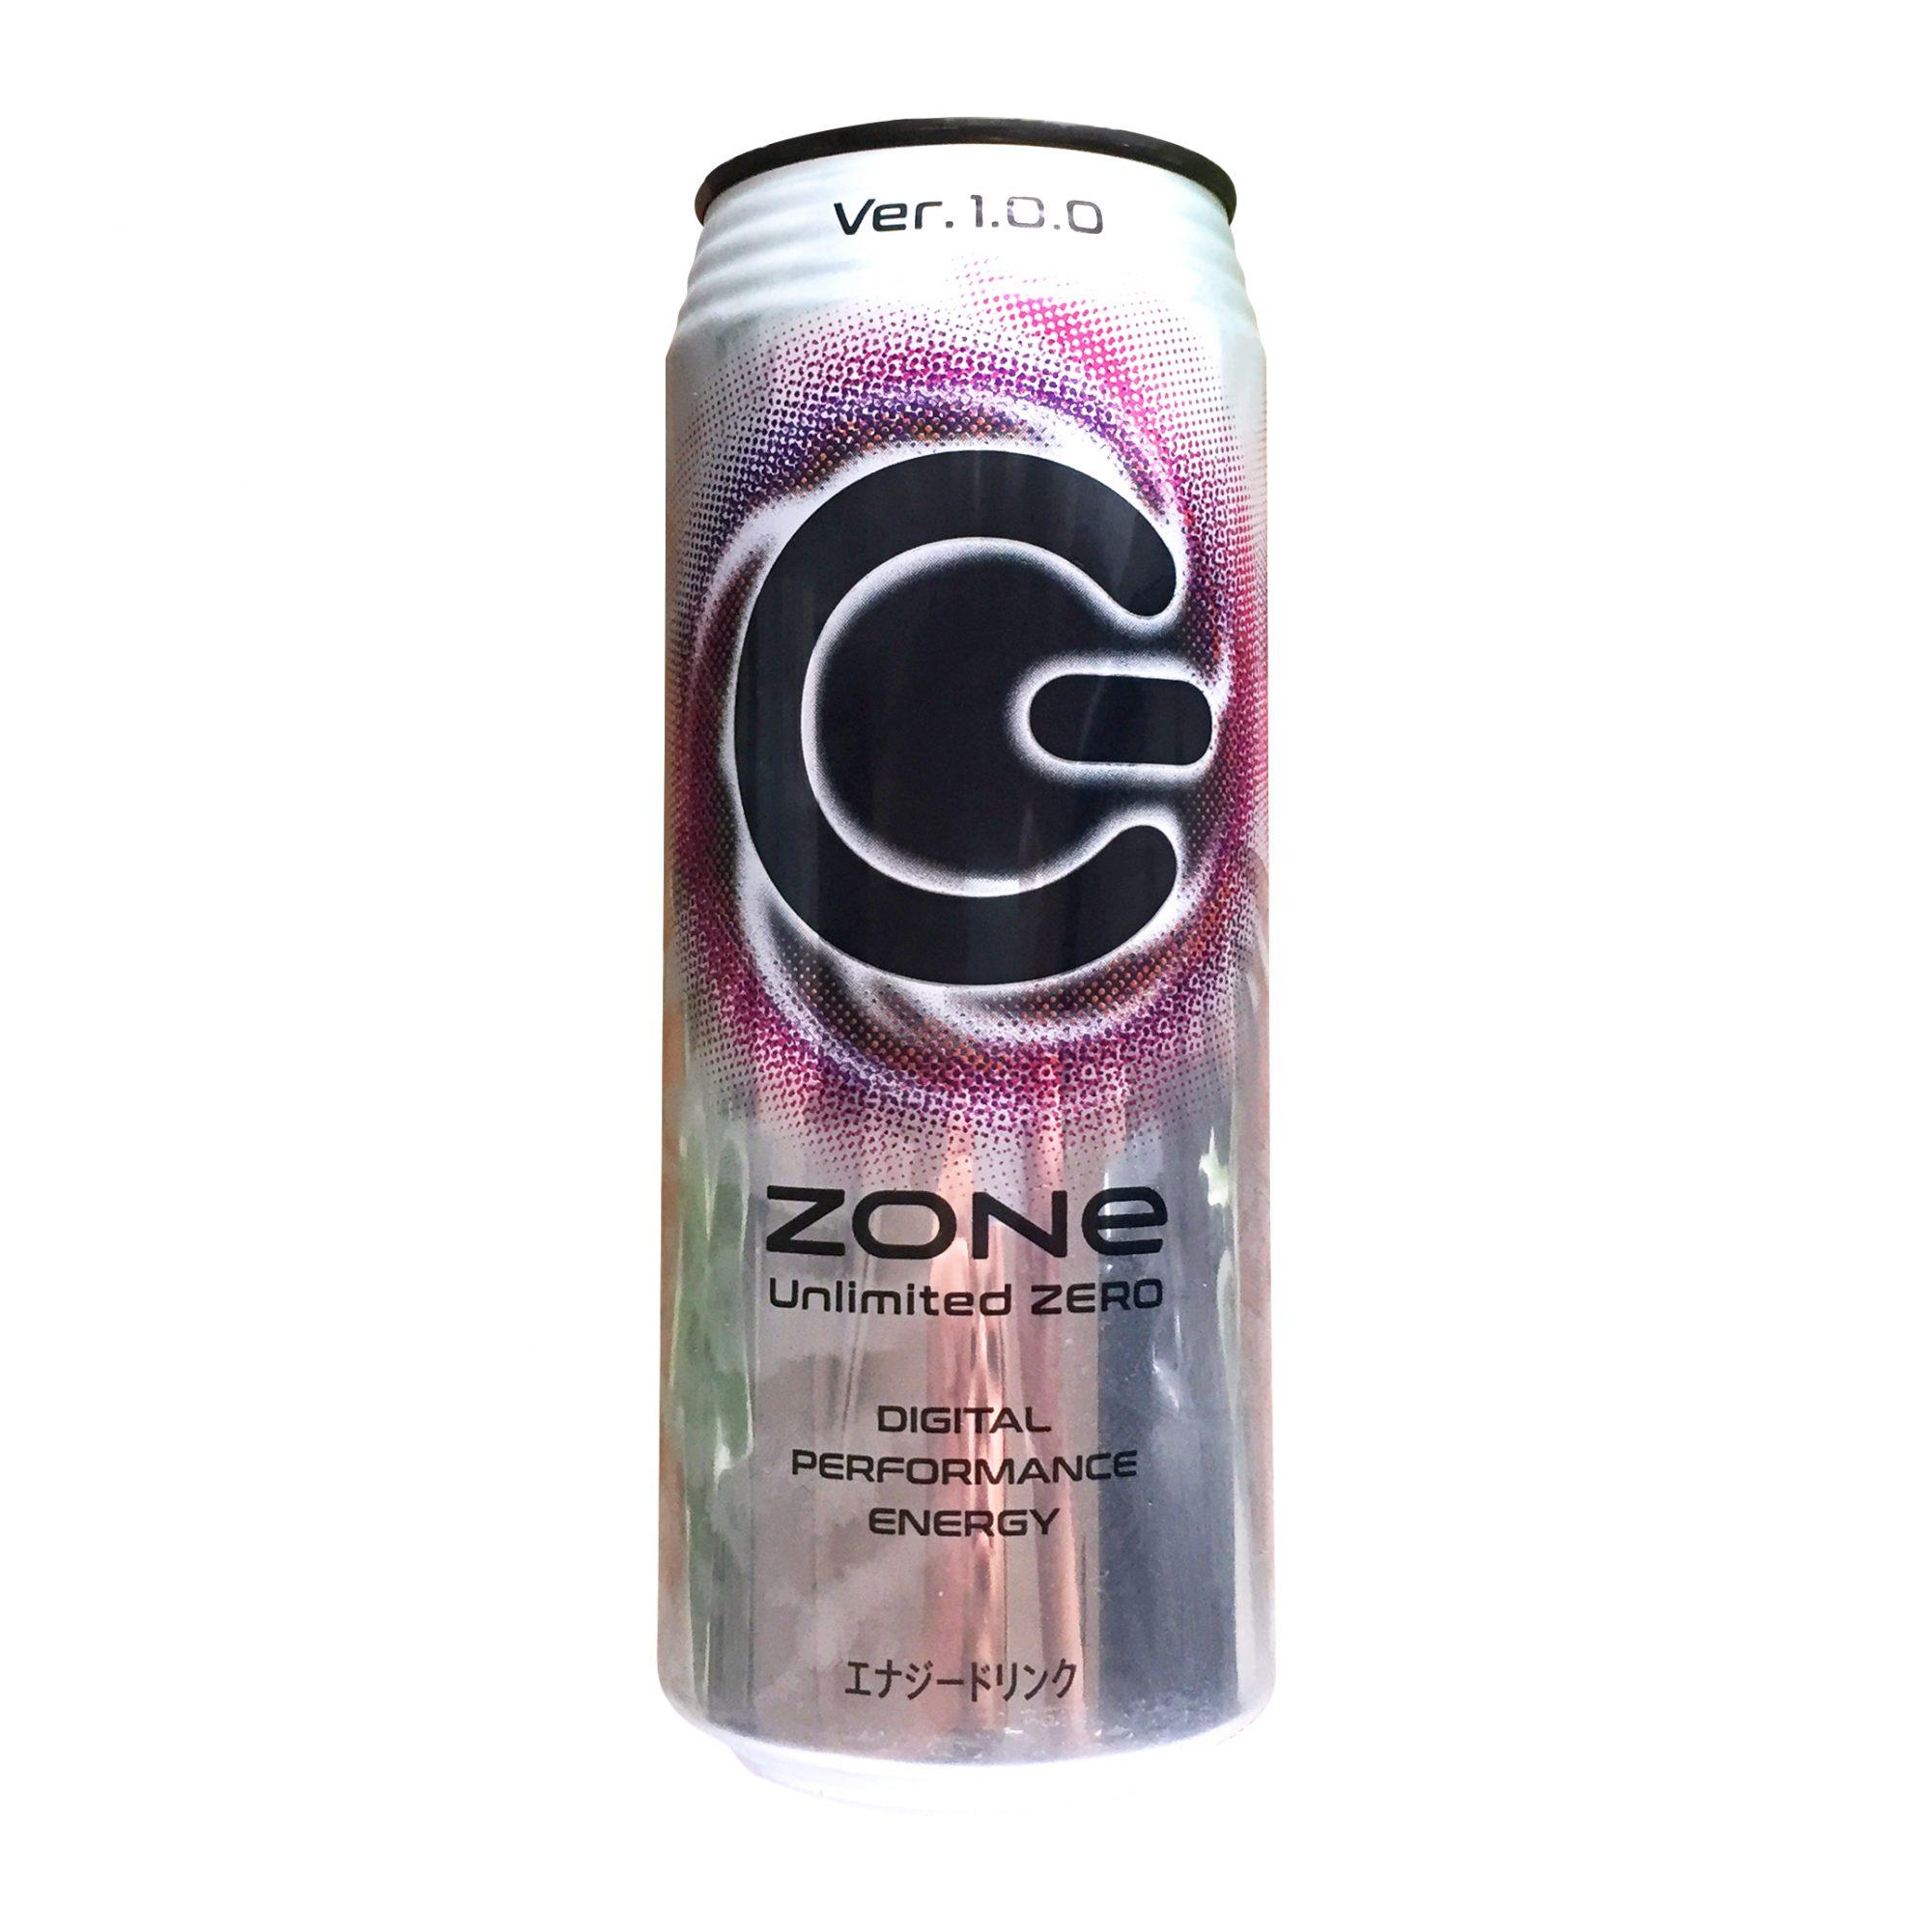 サントリー『ZONe Unlimited Zero Ver.1.0.0 エナジードリンク 500ml』実飲レビュー!大容量でエナドリでゼロカロリー?!な異彩を放つ炭酸飲料◎